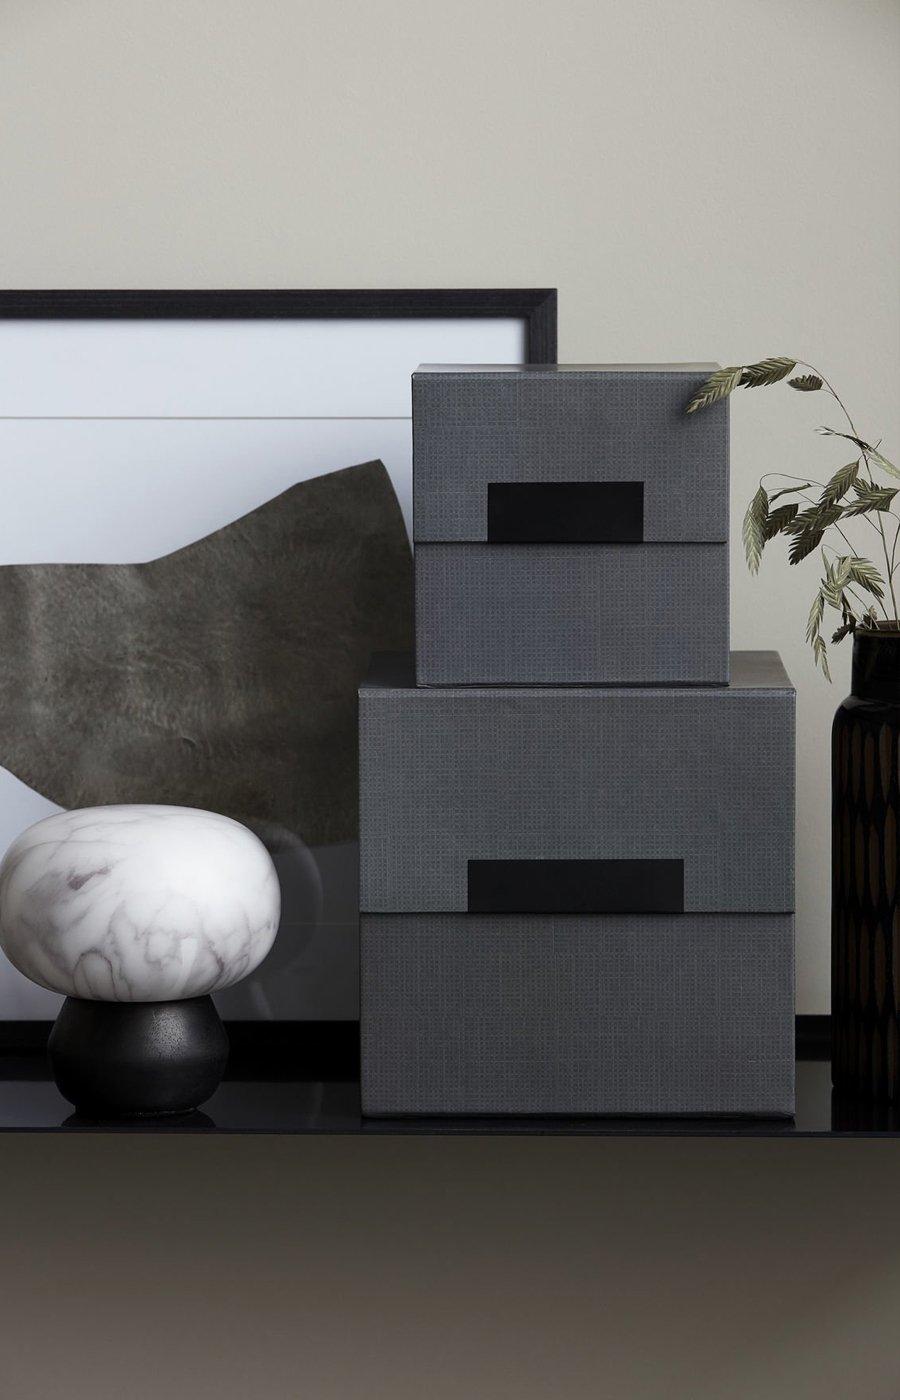 Kisten und Boxen im skandinavischen Design, Bild 1